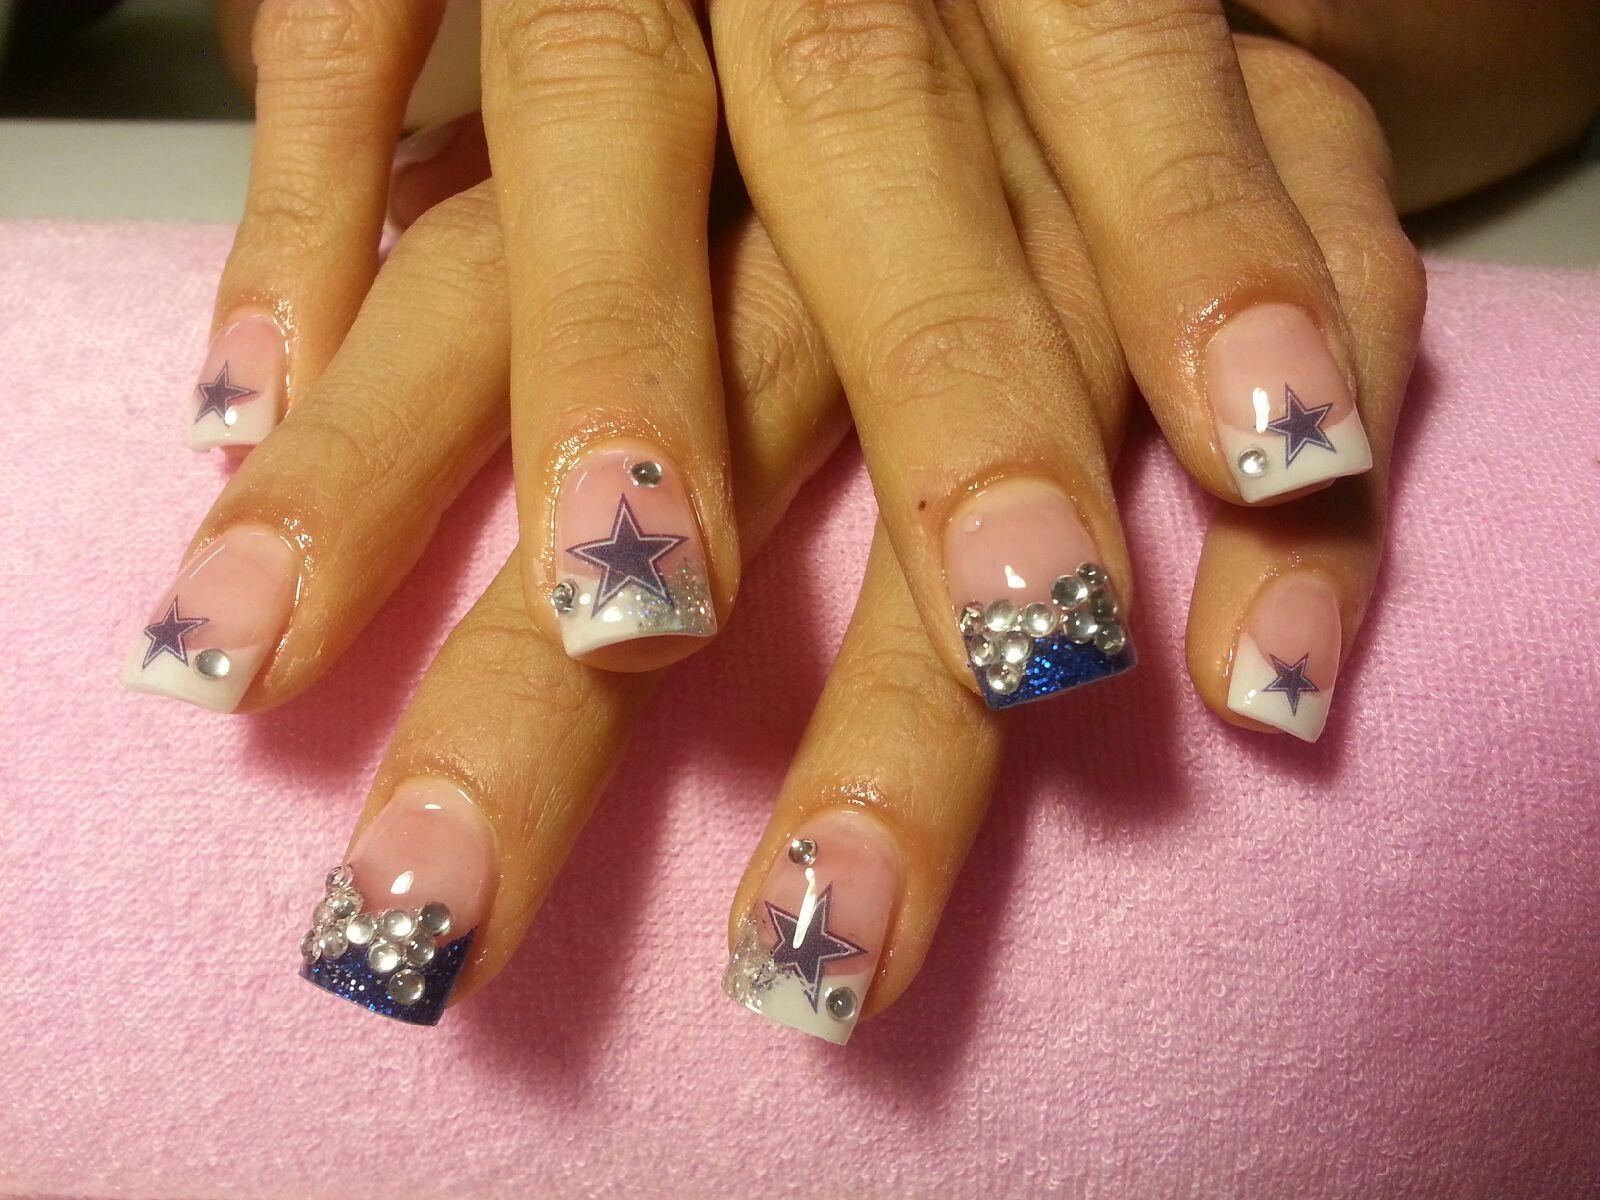 Best Nail Designs Dallas: Hair and stuff dallas cowboys nails ...